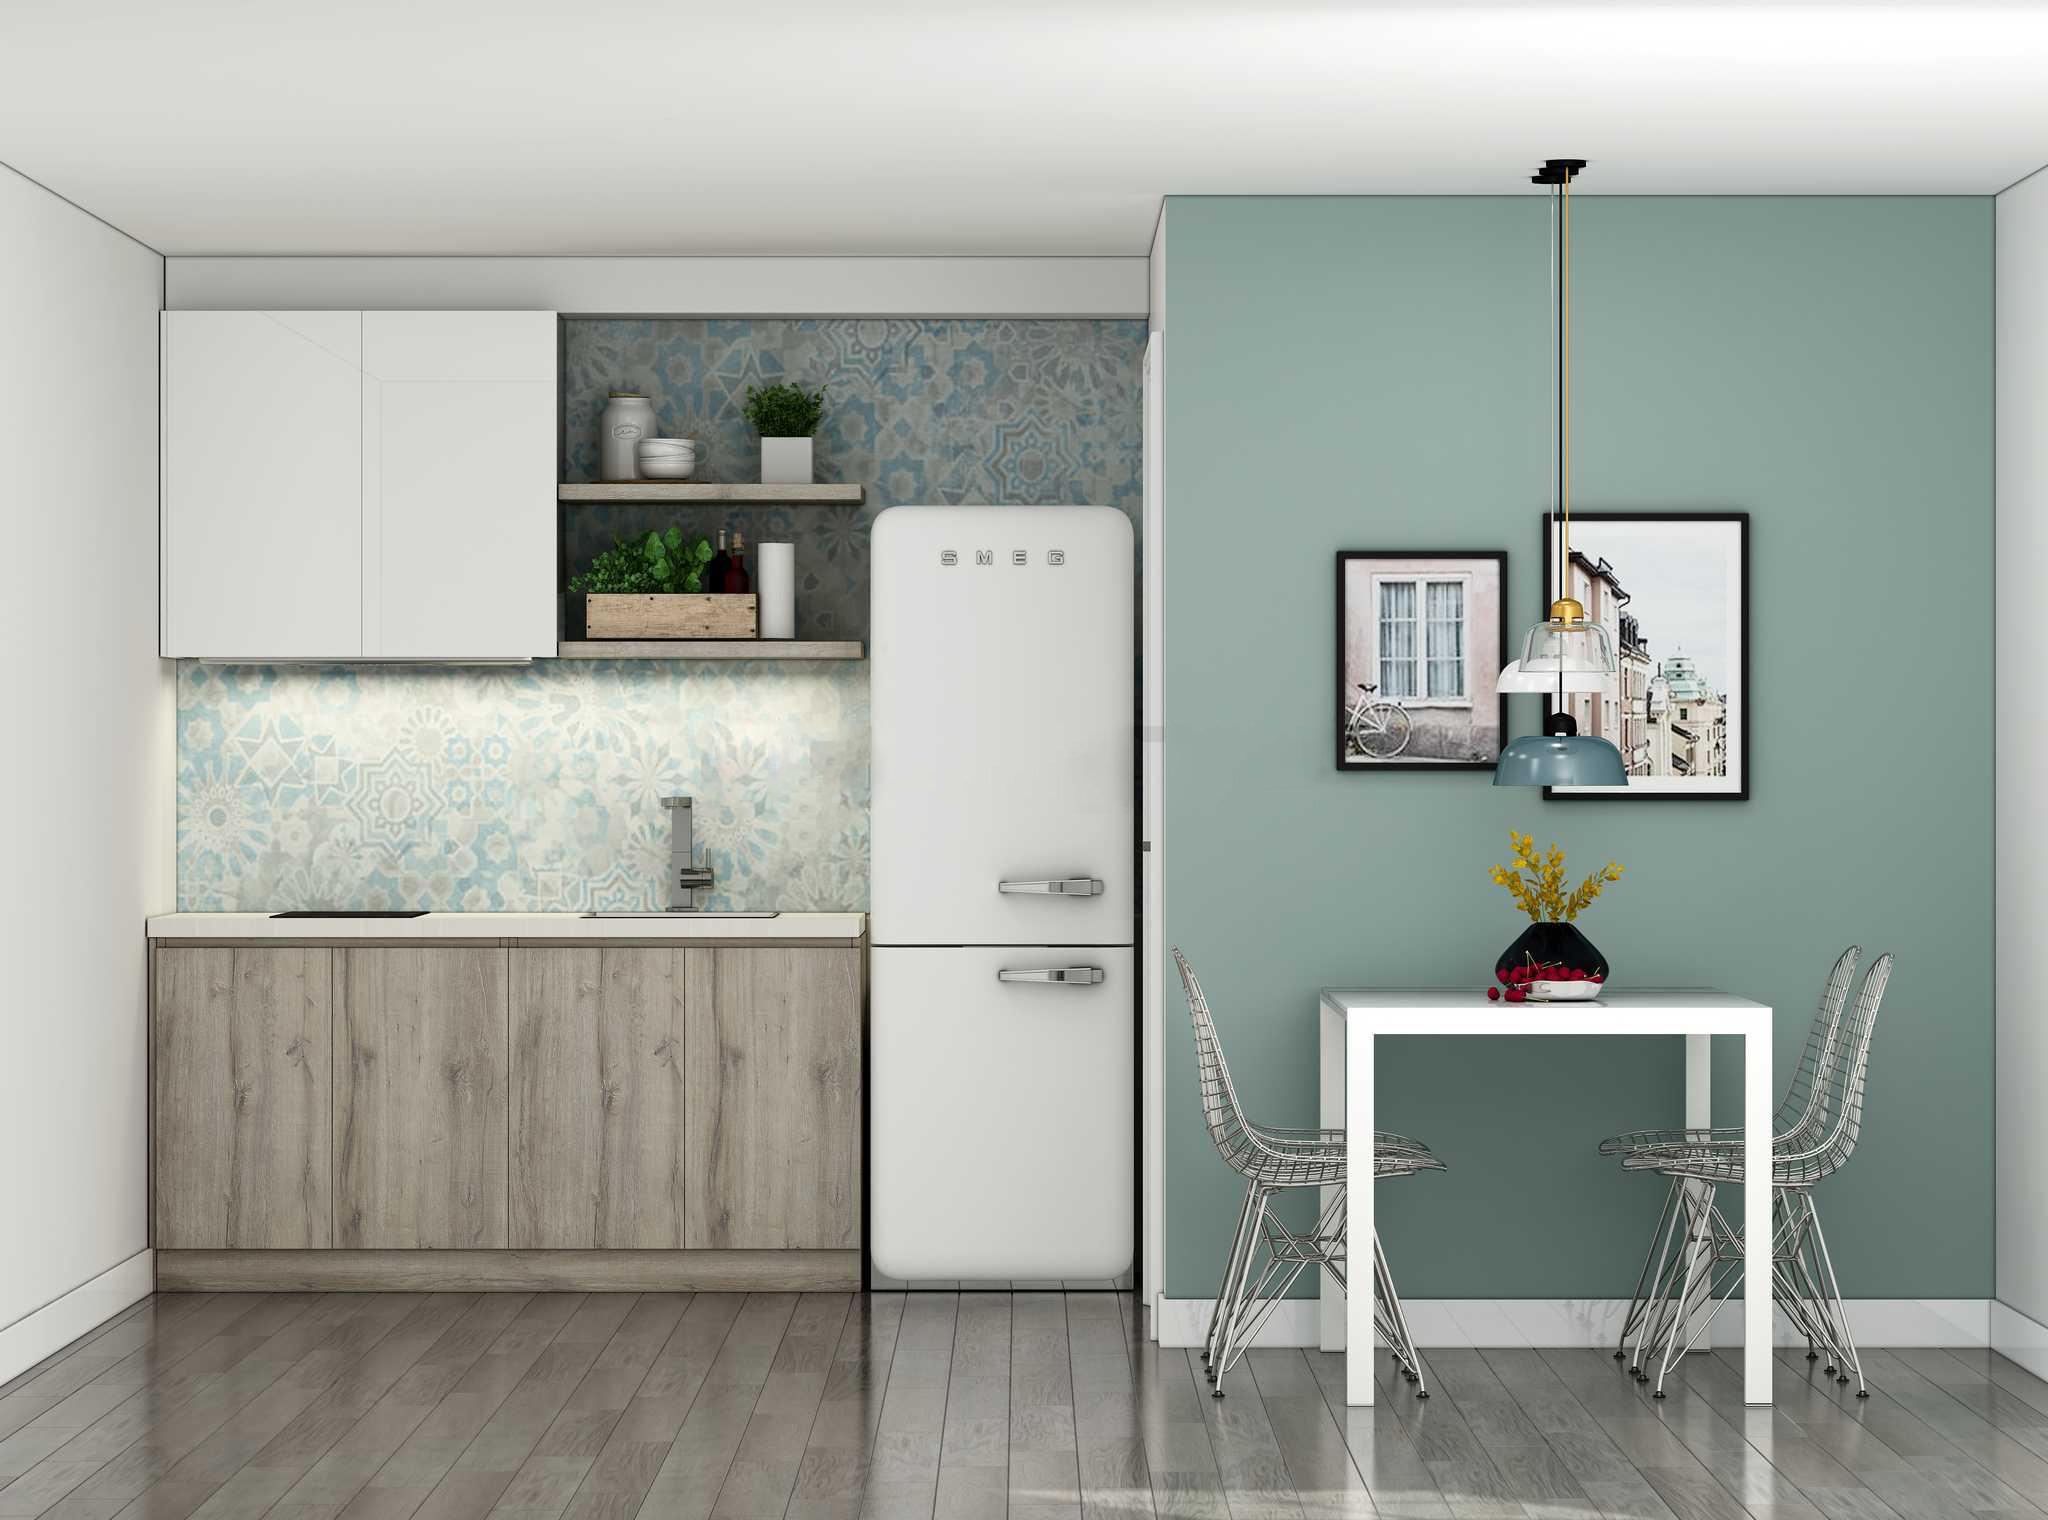 Mẫu tủ bếp chữ I cực kỳ nhỏ gọn cho các căn hộ cho thuê